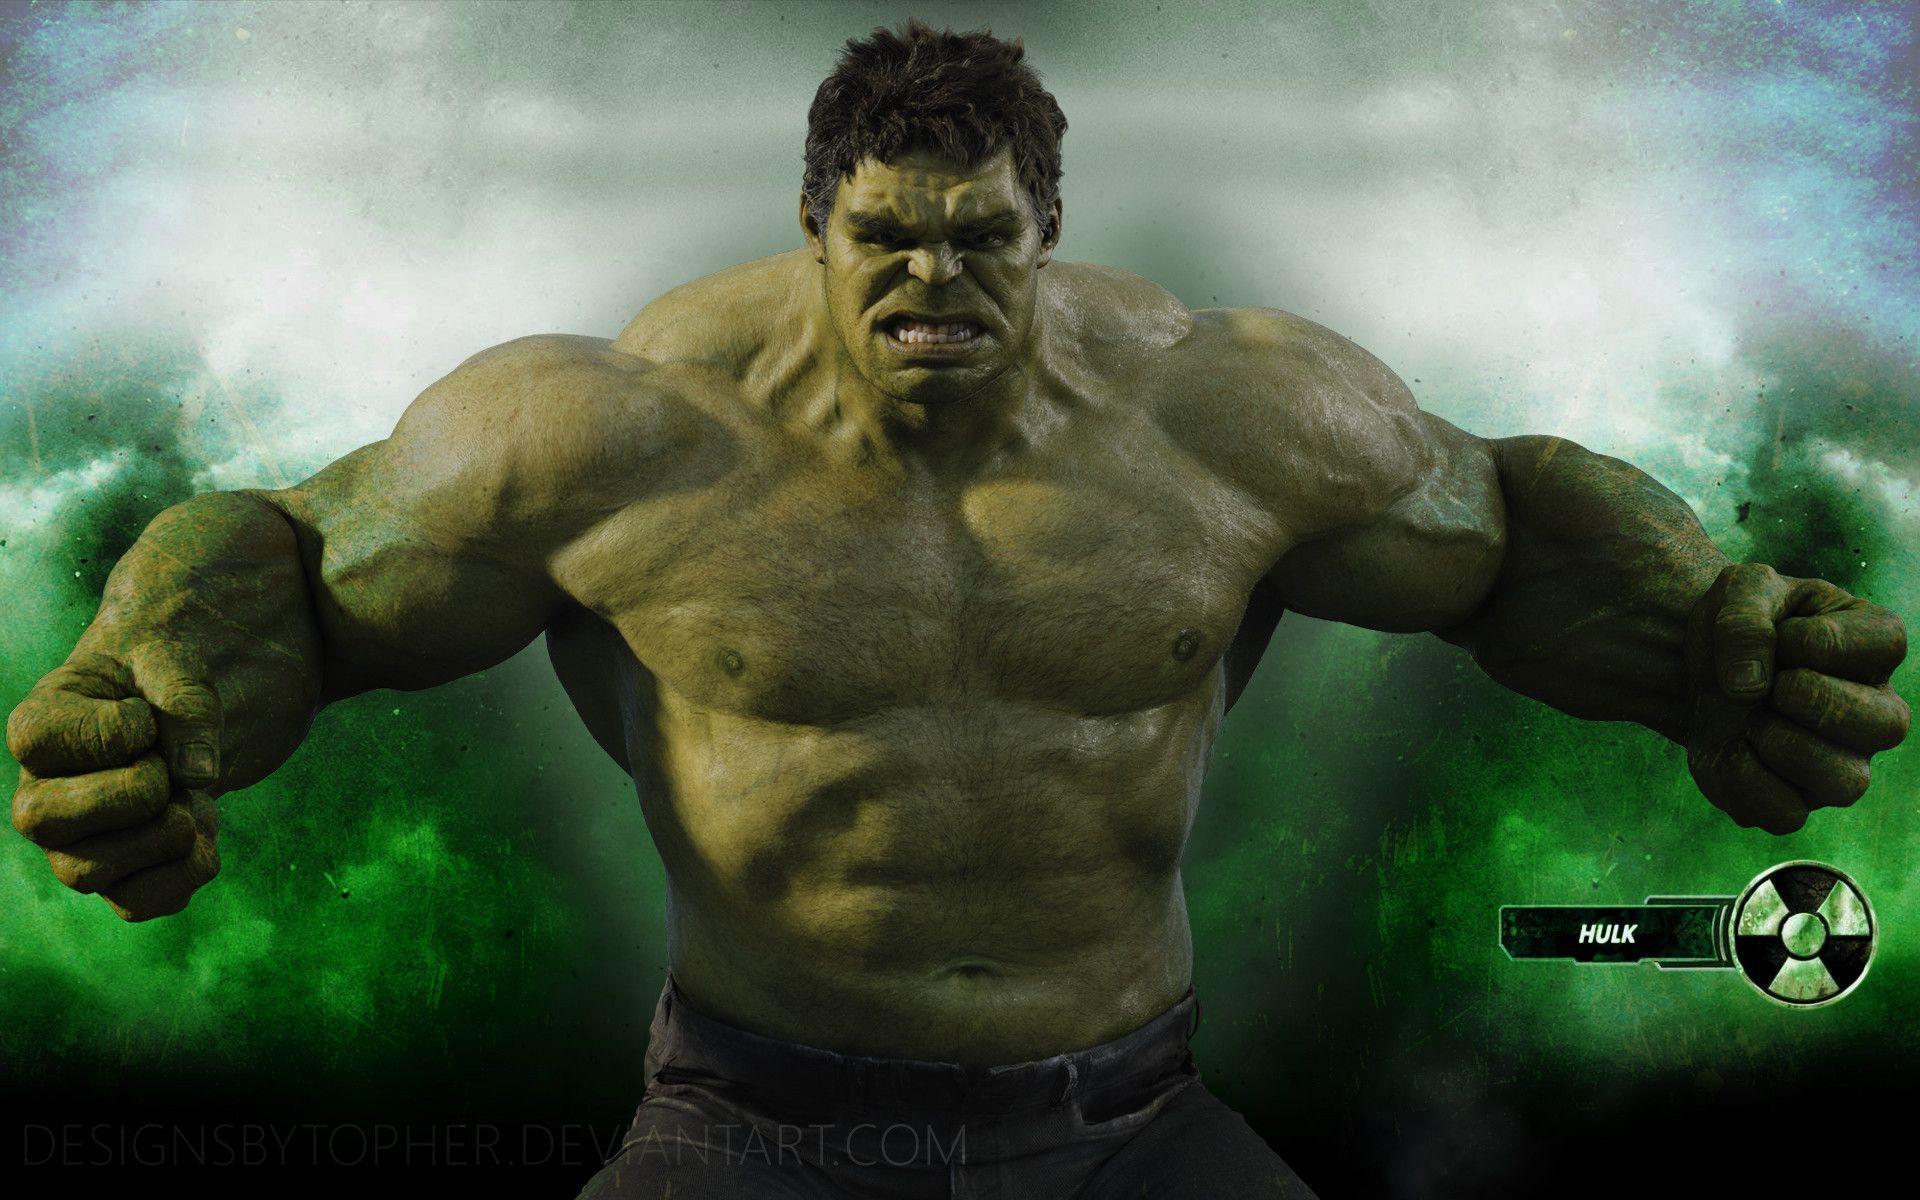 Incredible Hulk Wallpapers 2015 - Wallpaper Cave